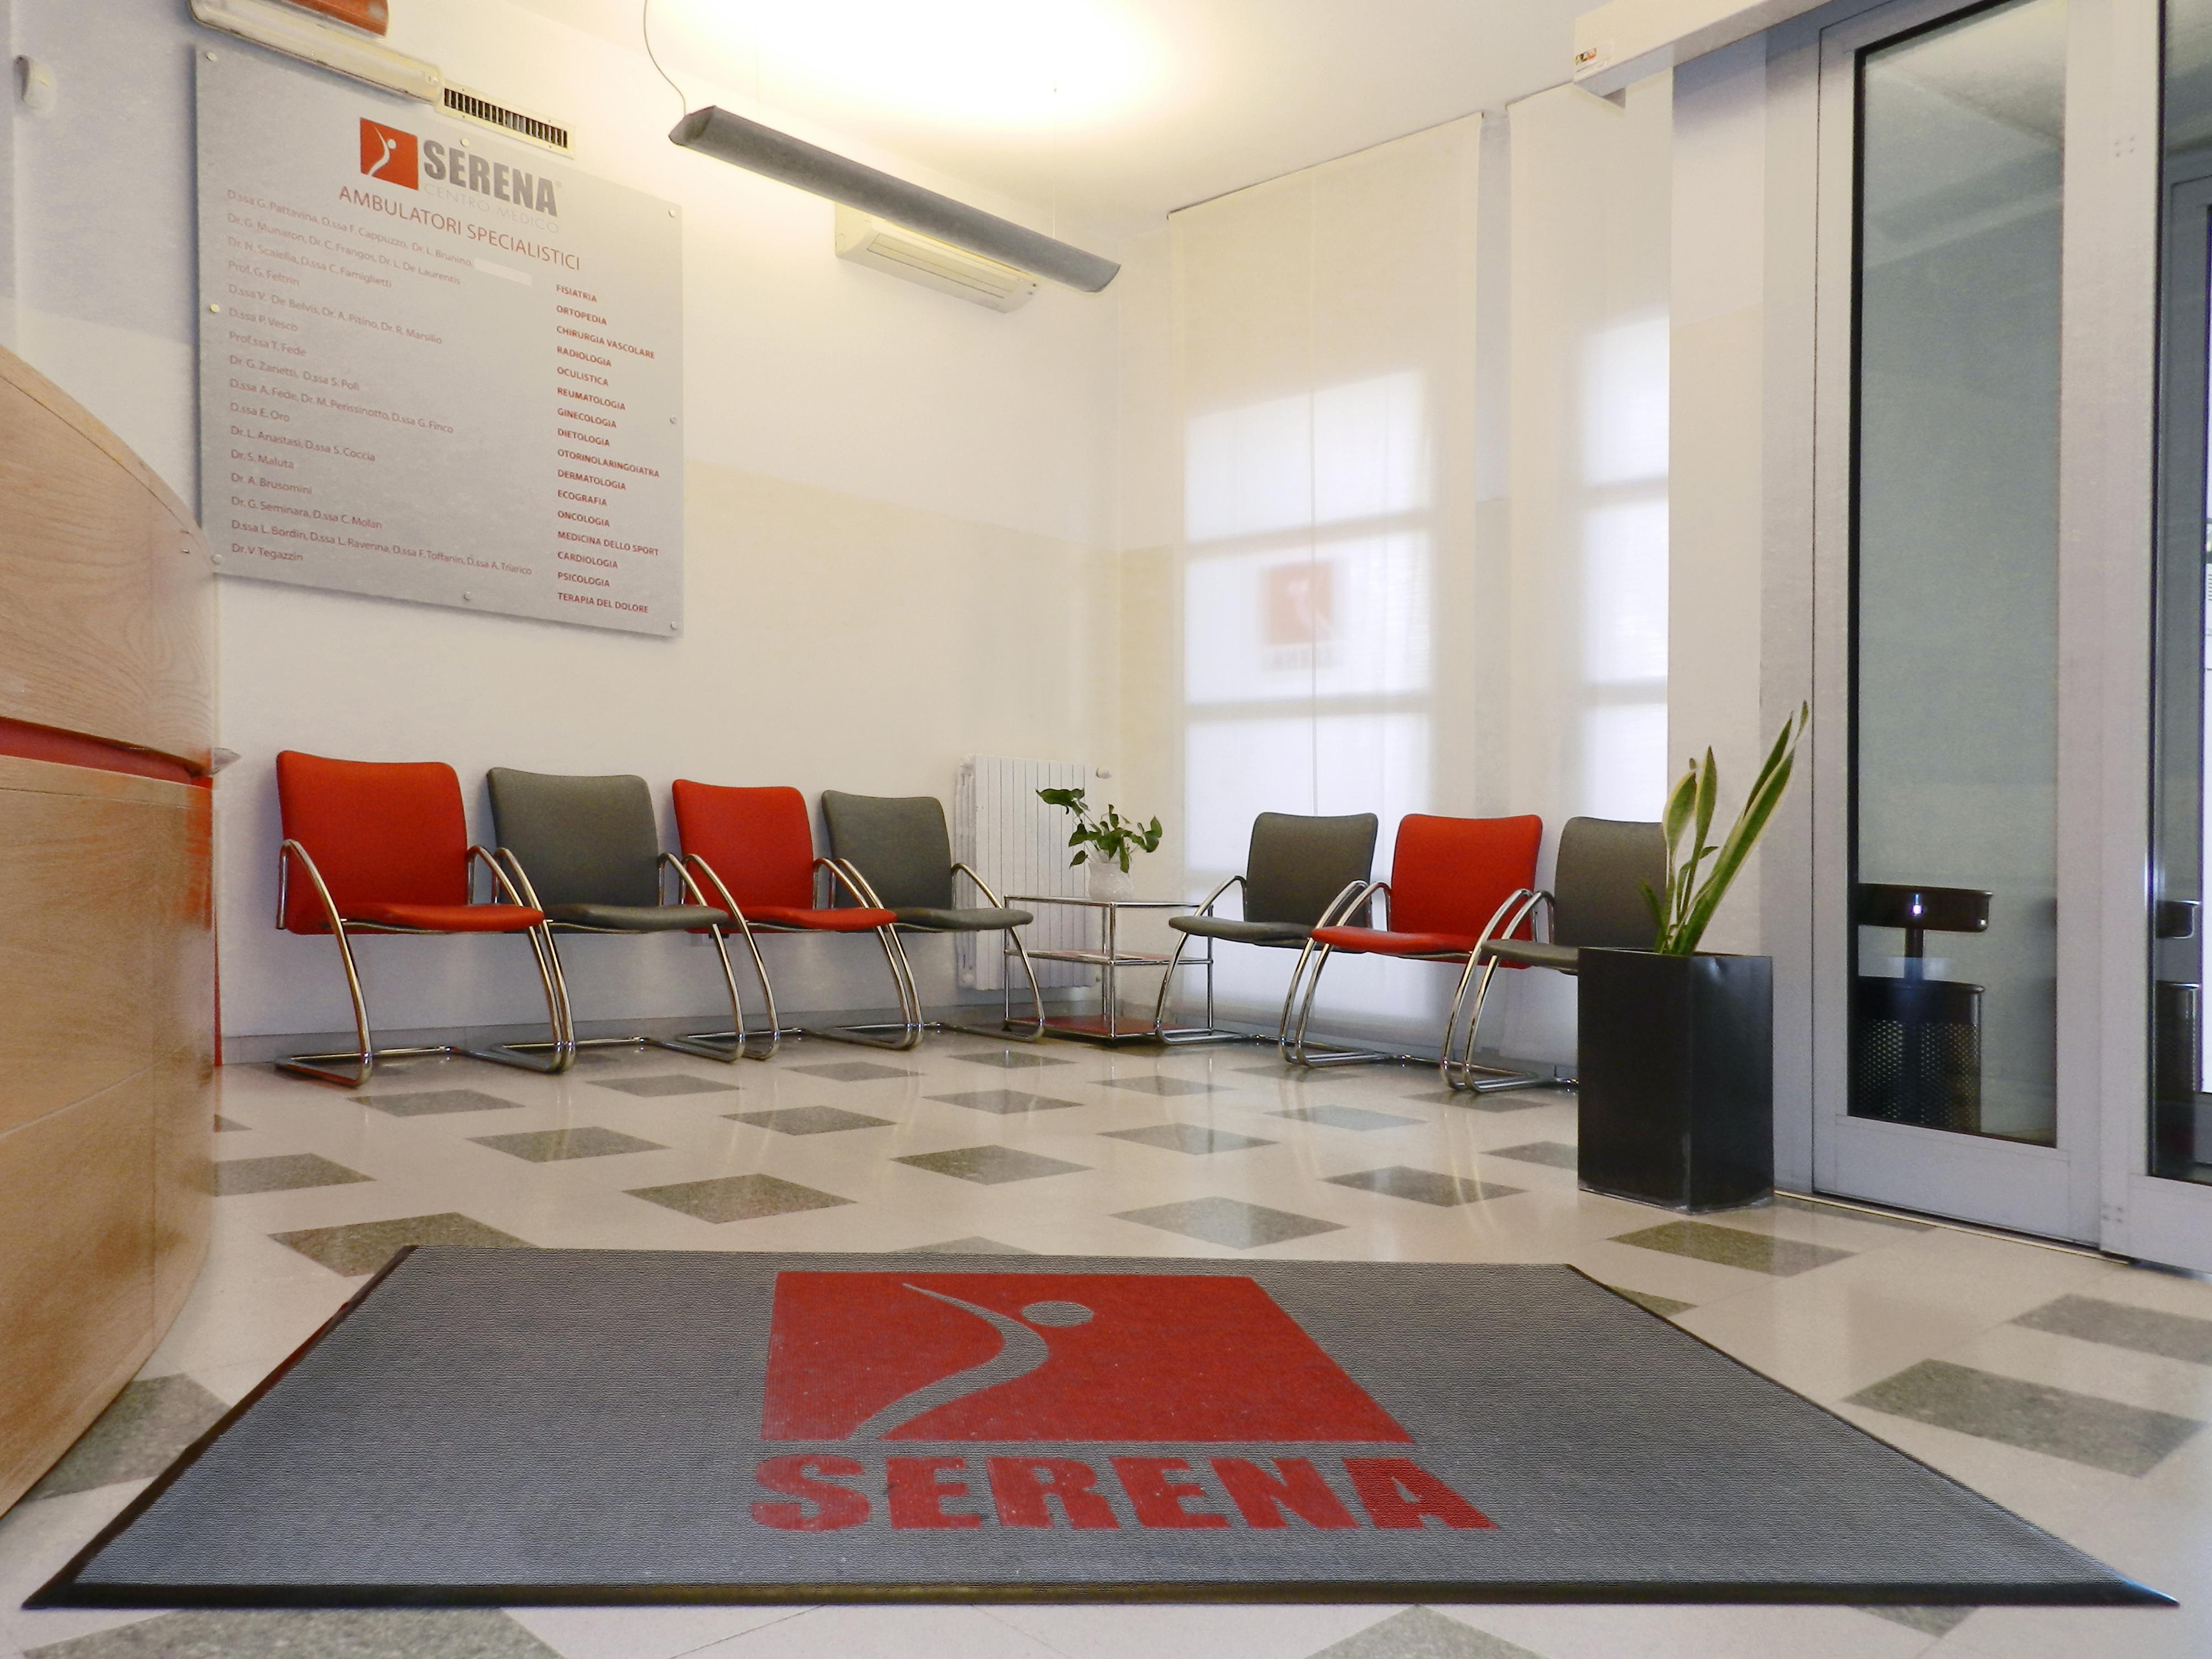 3315913a42 Gruppo Medico Serena: Quasi Mezzo Secolo Al Servizio Della Salute ...